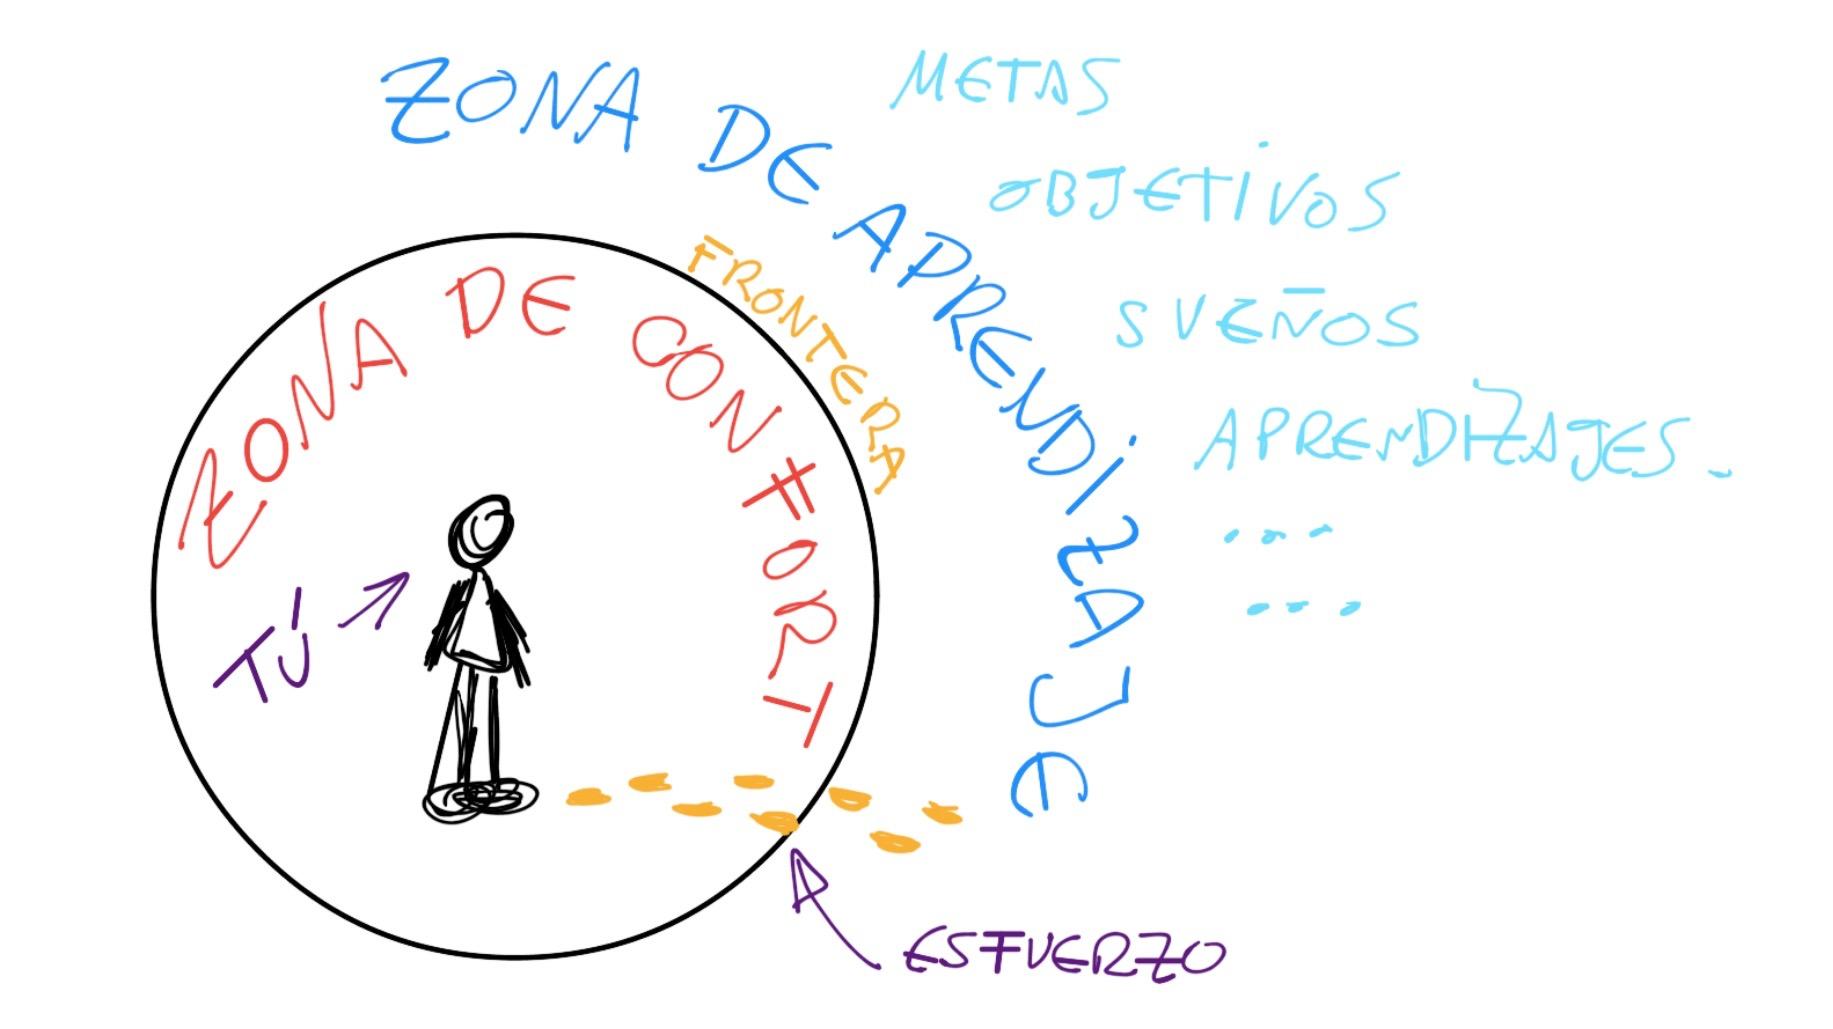 zona de confort y zona de aprendizaje